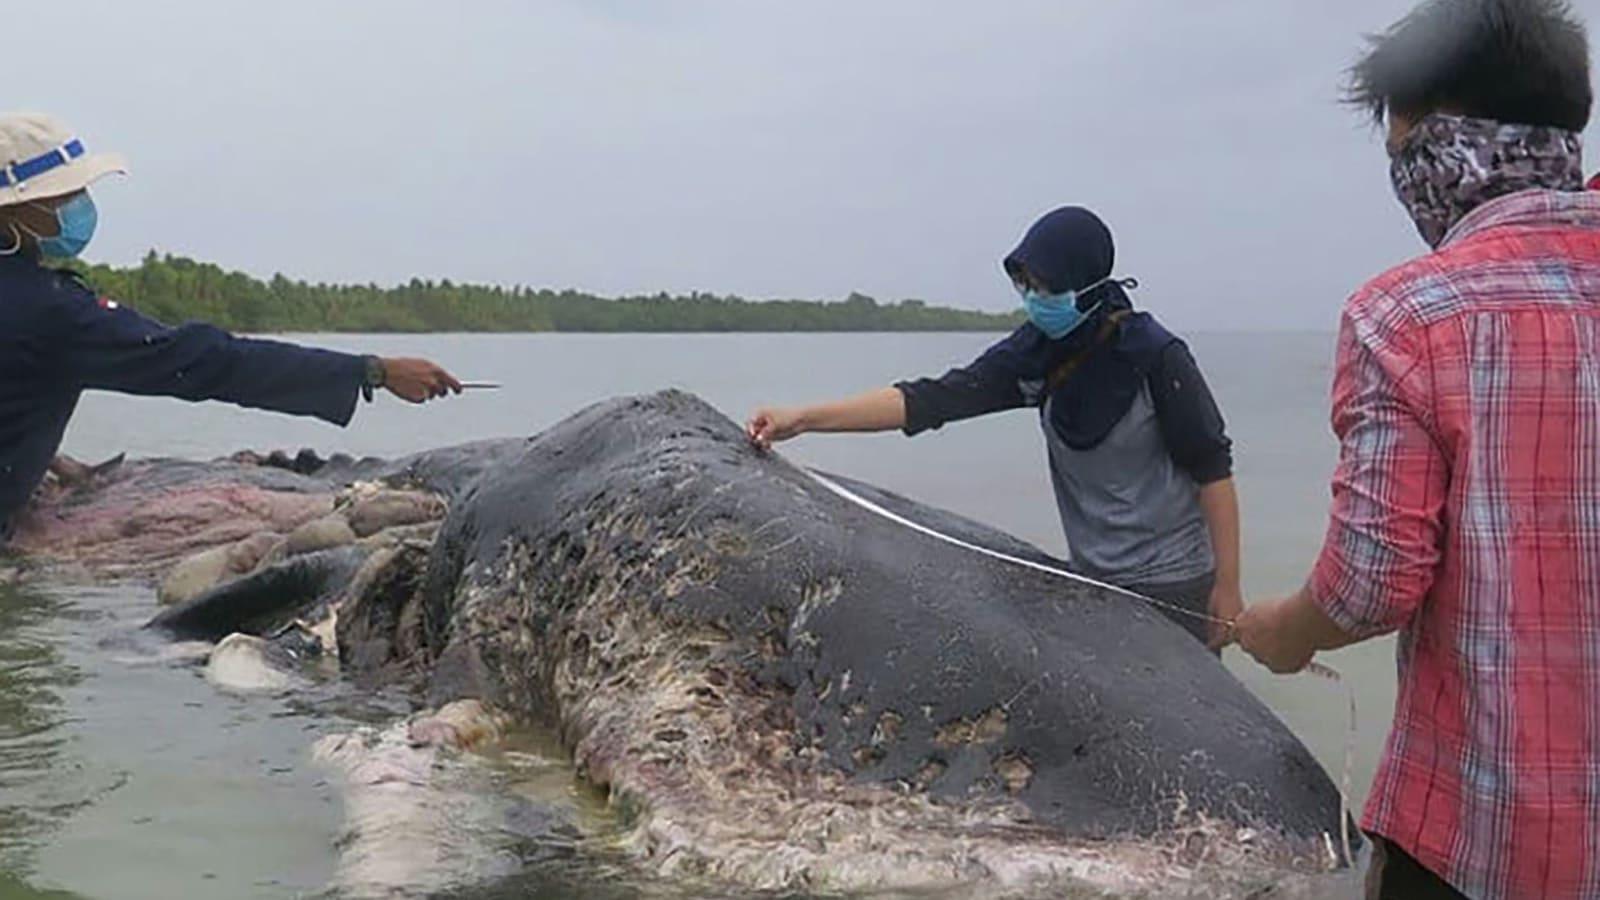 حوت نافق في إندونيسيا ابتلع 1000 قطعة من البلاستيك